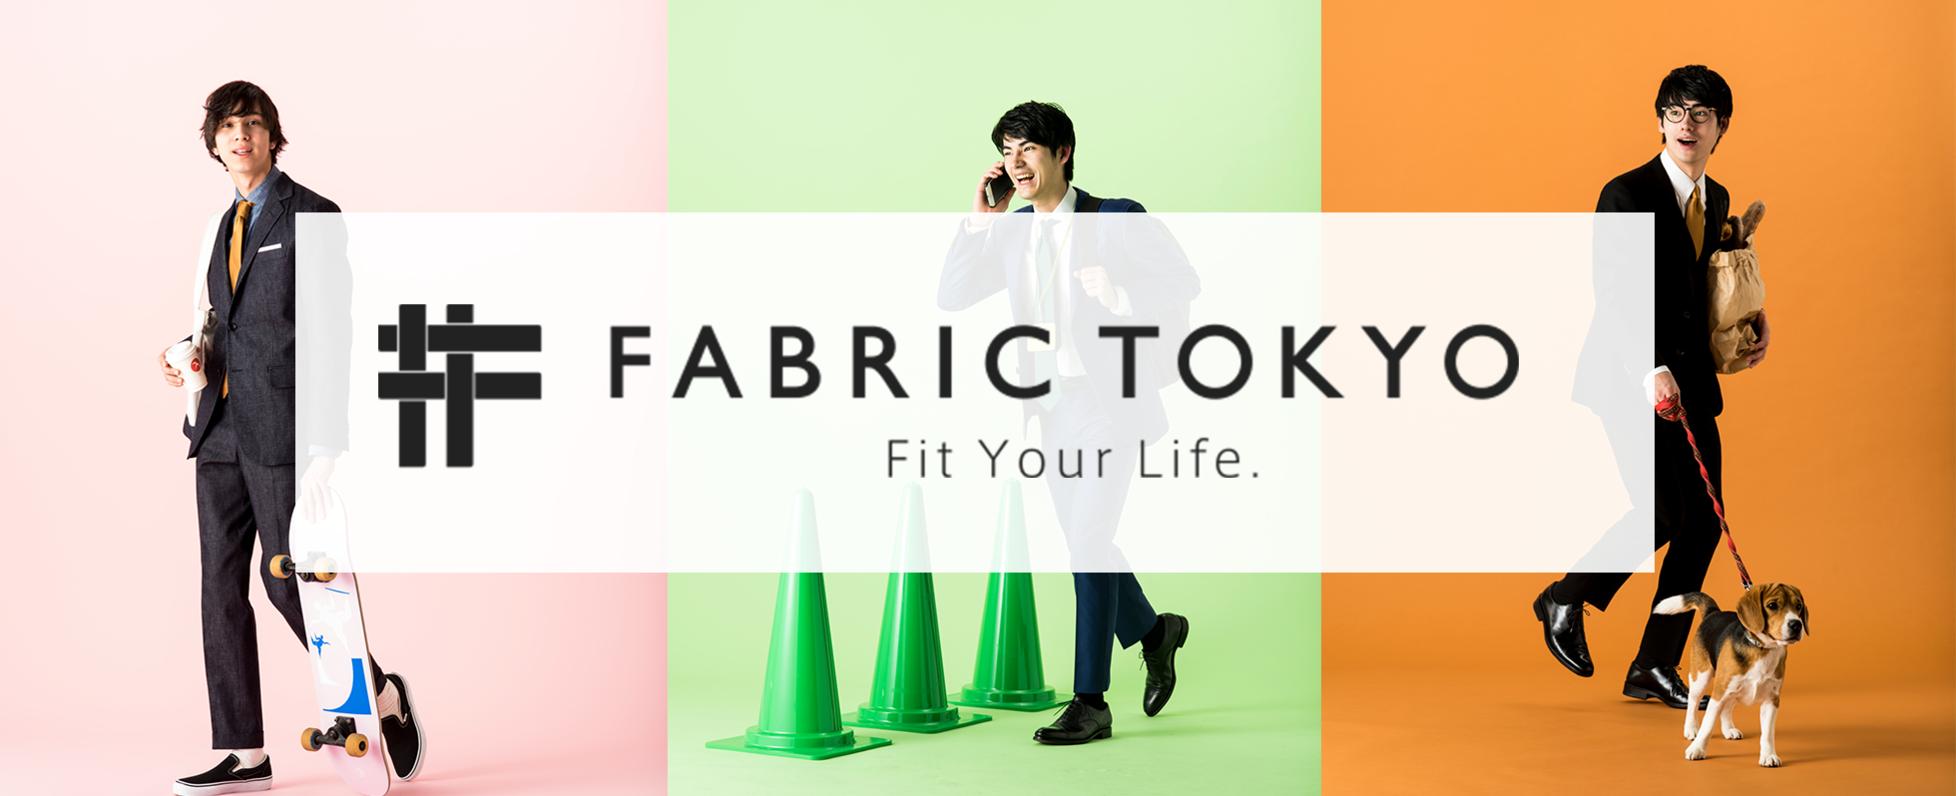 カスタムオーダーのメンズファッション通販サービス「LaFabric[ラファブリック]」のUI・UXデザイン業務